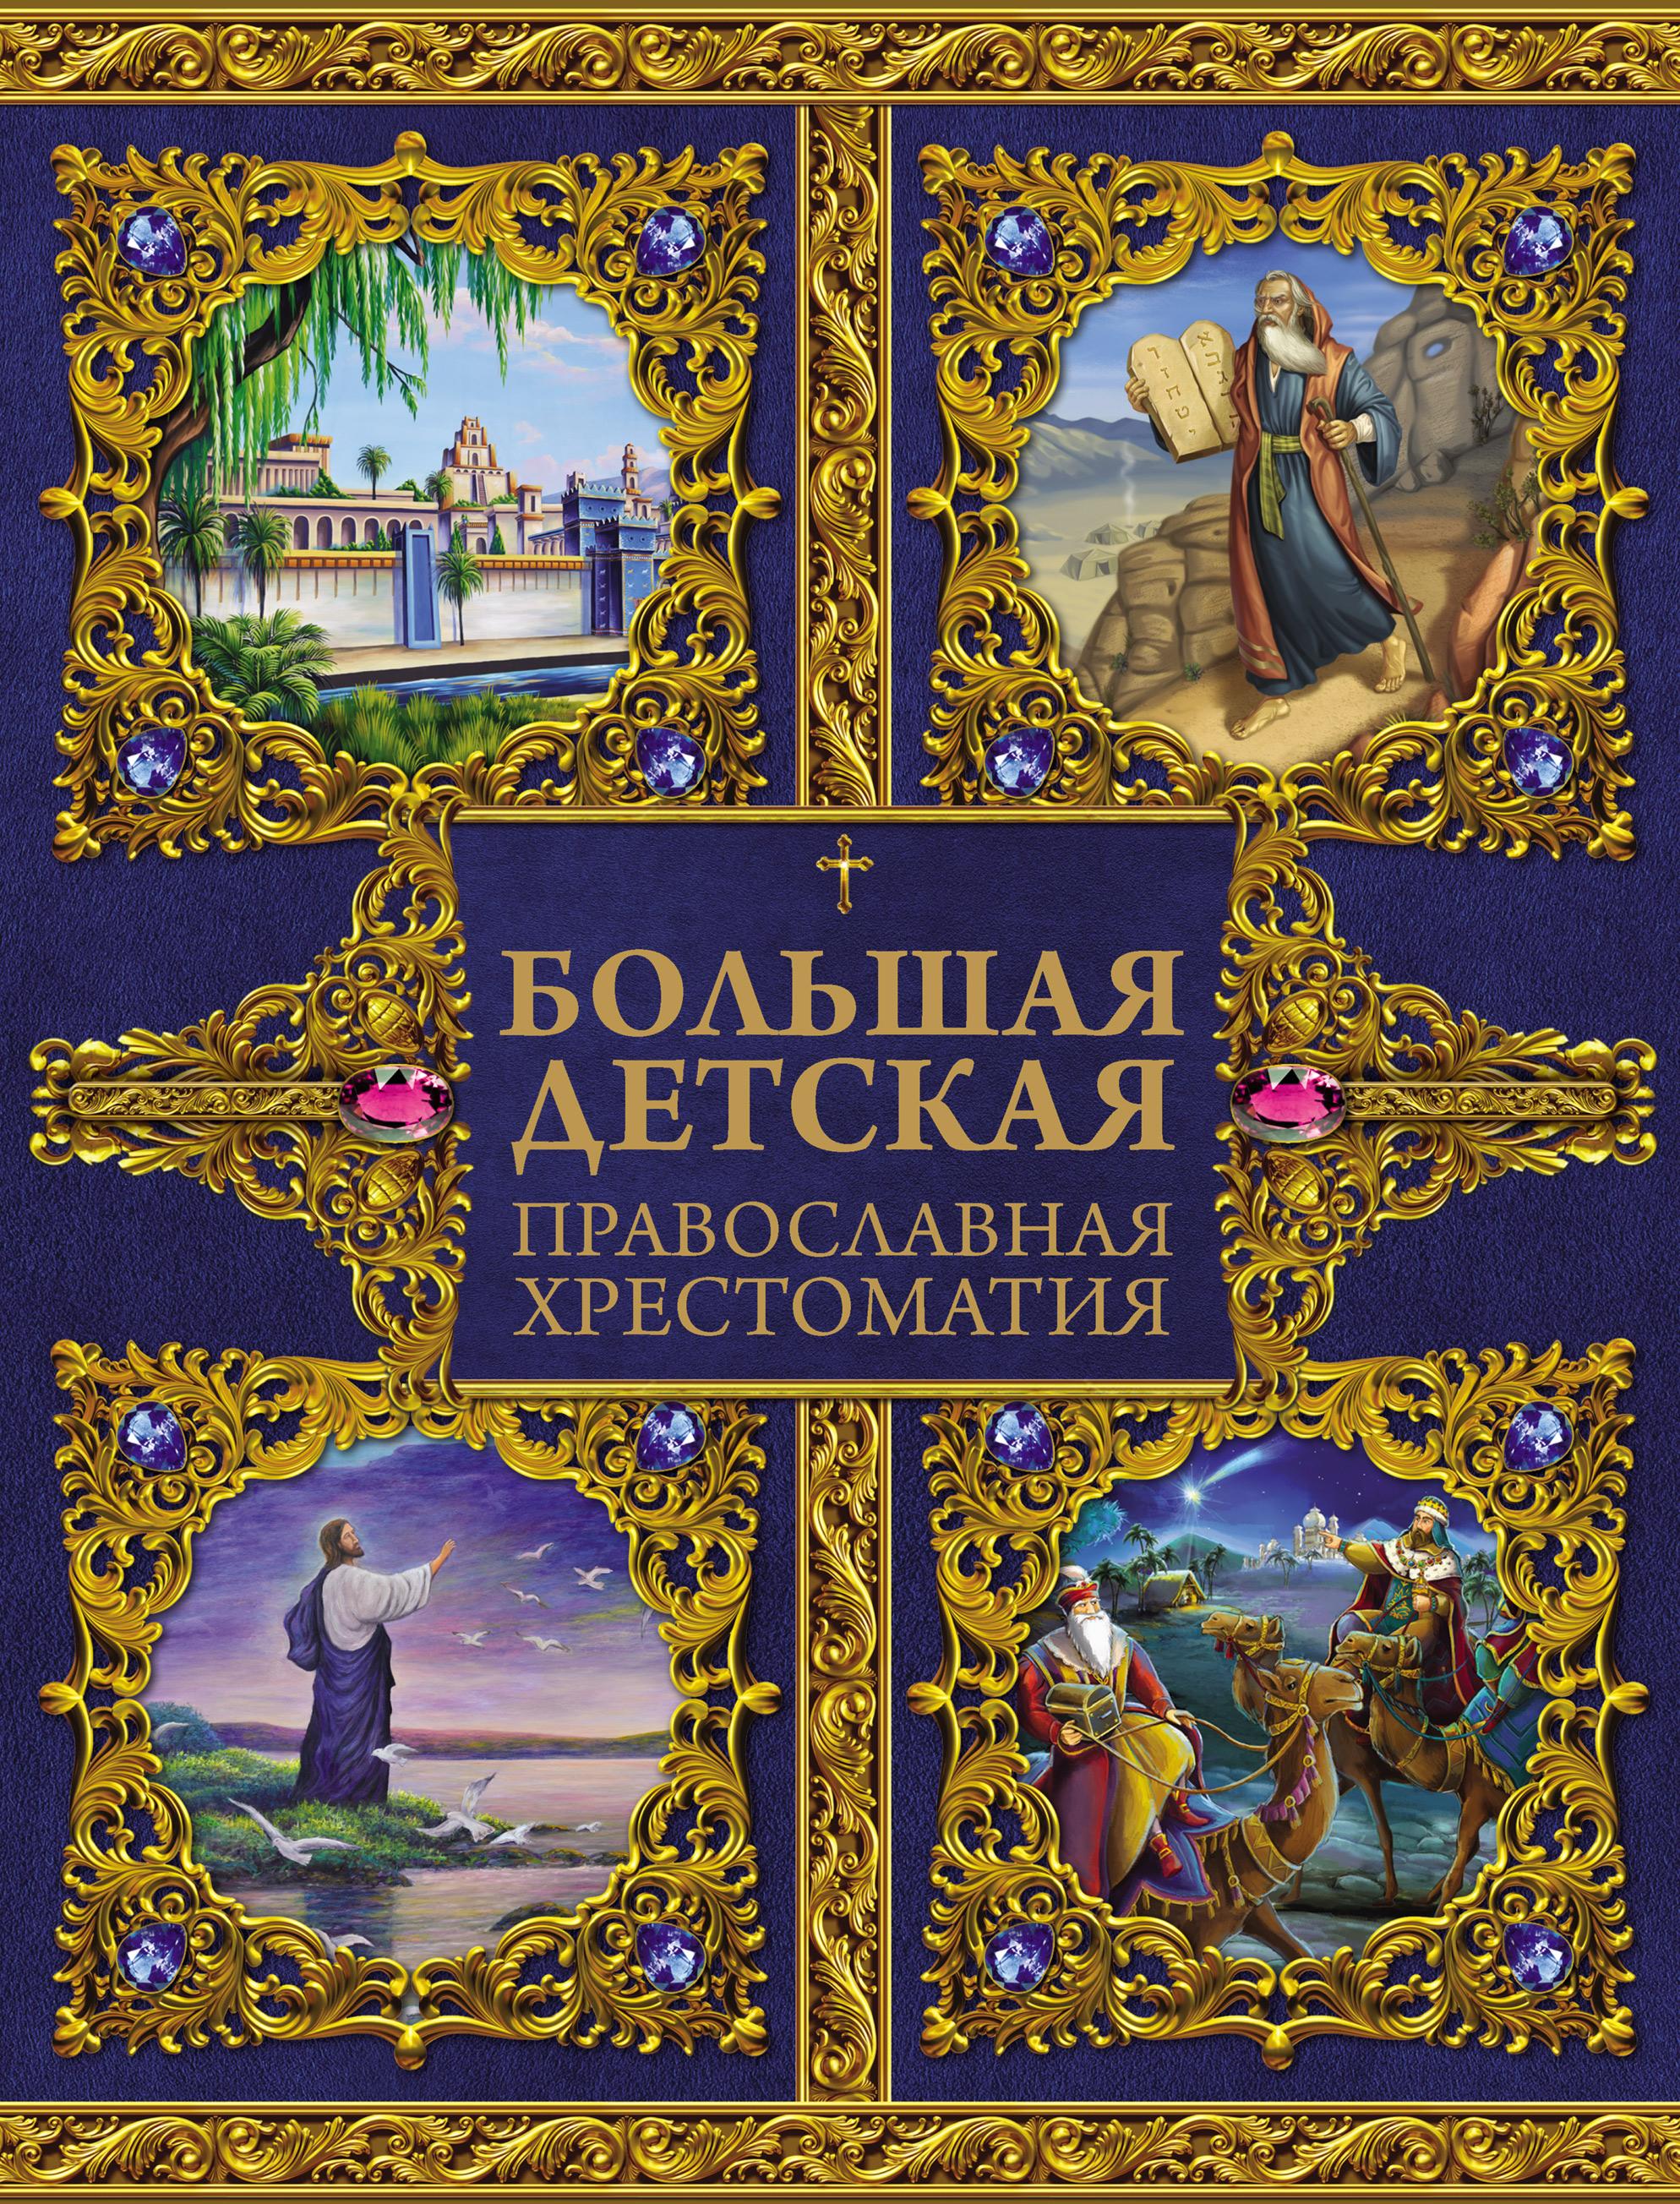 Большая детская православная хрестоматия ( Евгений Захарченко  )